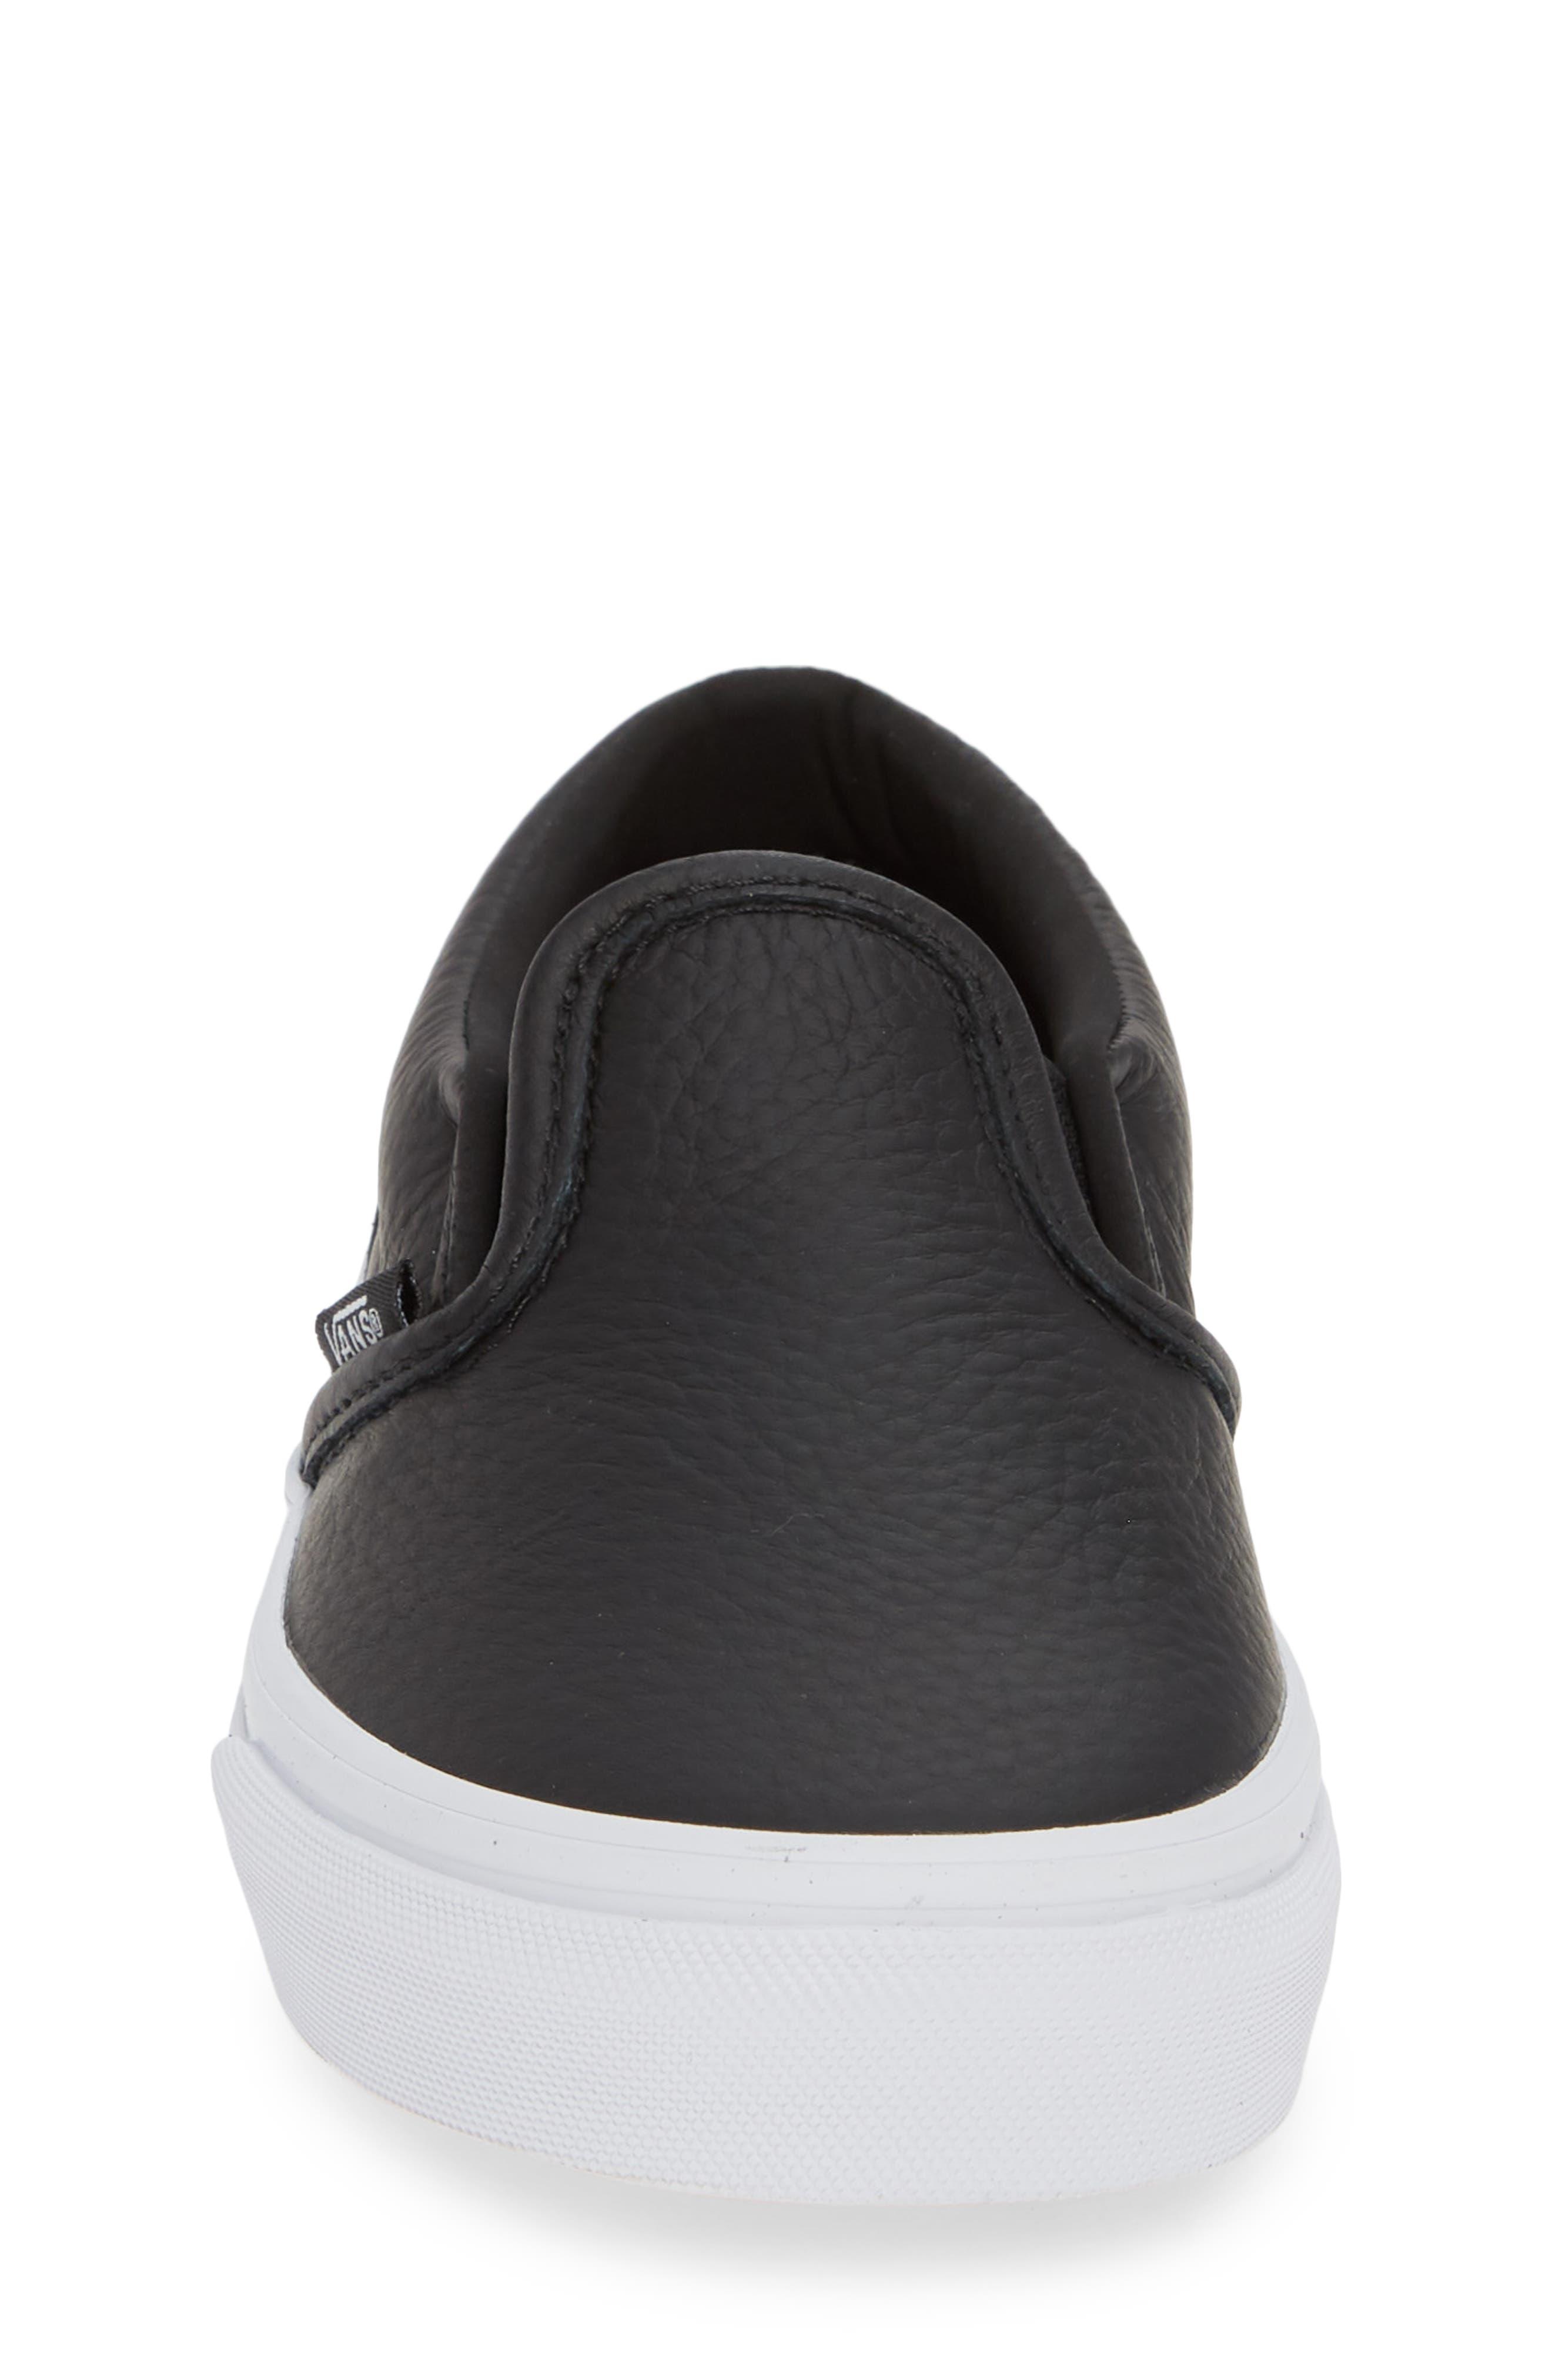 'Classic' Slip-On Sneaker,                             Alternate thumbnail 4, color,                             BLACK/ TRUE WHITE LEATHER